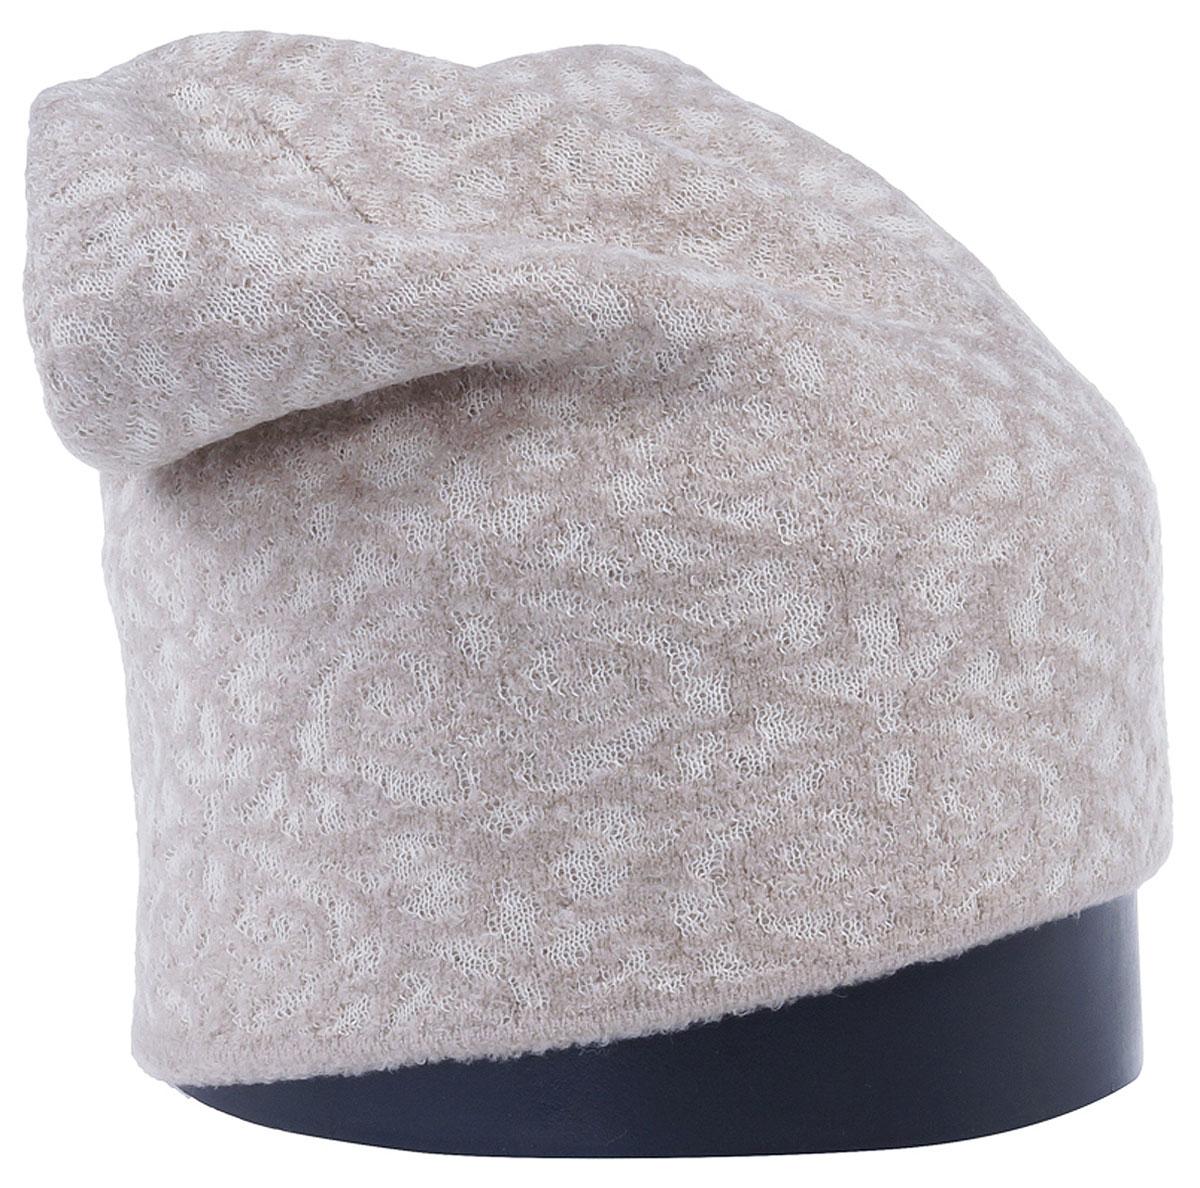 Шапка женская Vittorio Richi, цвет: светло-бежевый. Aut241943U-61/17. Размер 56/58Aut241943UСтильная женская шапка Vittorio Richi отлично дополнит ваш образ в холодную погоду. Модель, изготовленная из высококачественных материалов, максимально сохраняет тепло и обеспечивает удобную посадку. Привлекательная стильная шапка подчеркнет ваш неповторимый стиль и индивидуальность.